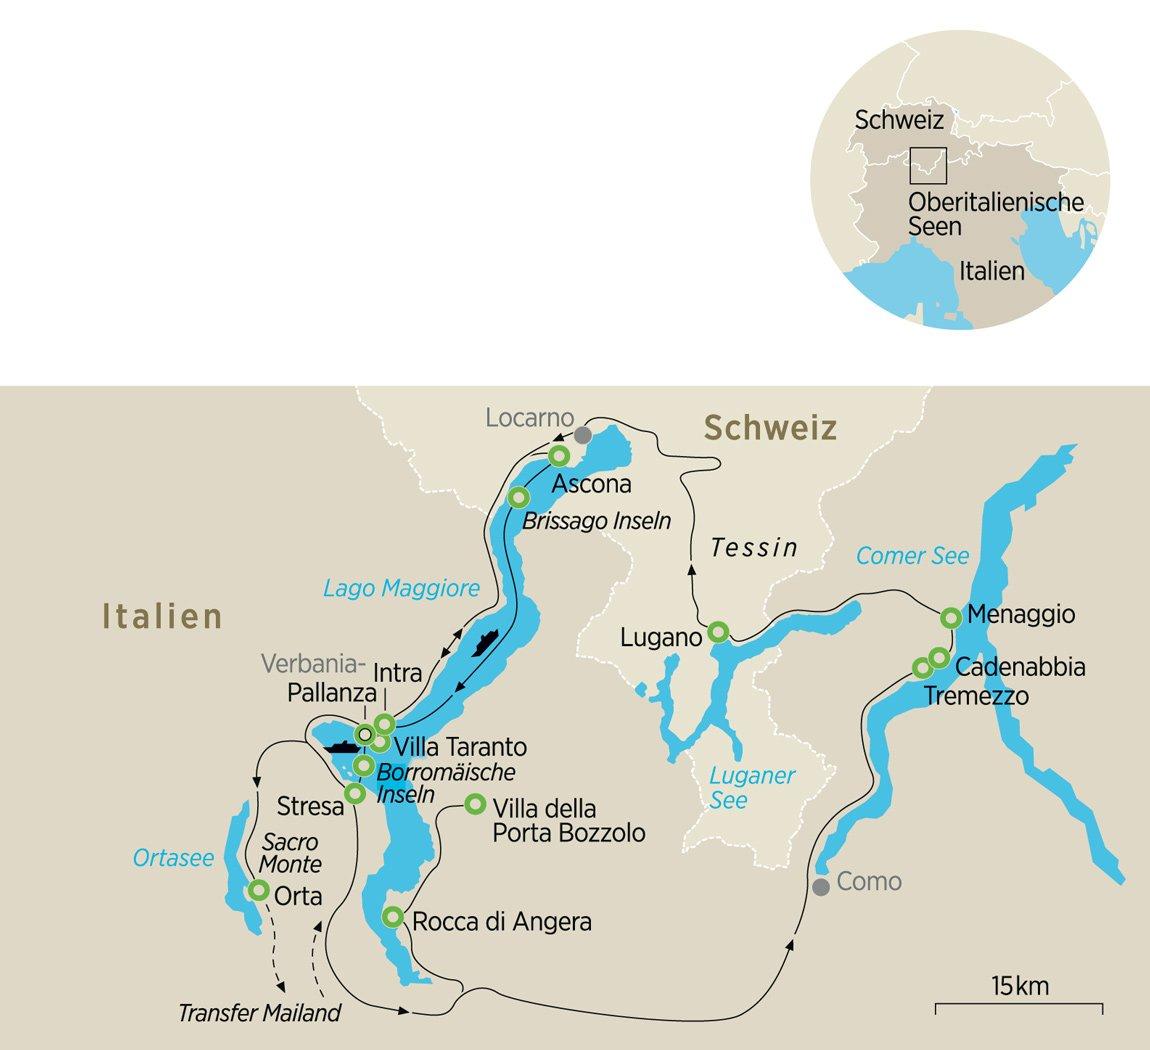 Lago Maggiore Karte.Paradiesgegend Tessin Villen Und Gärten An Den Oberitalienischen Seen